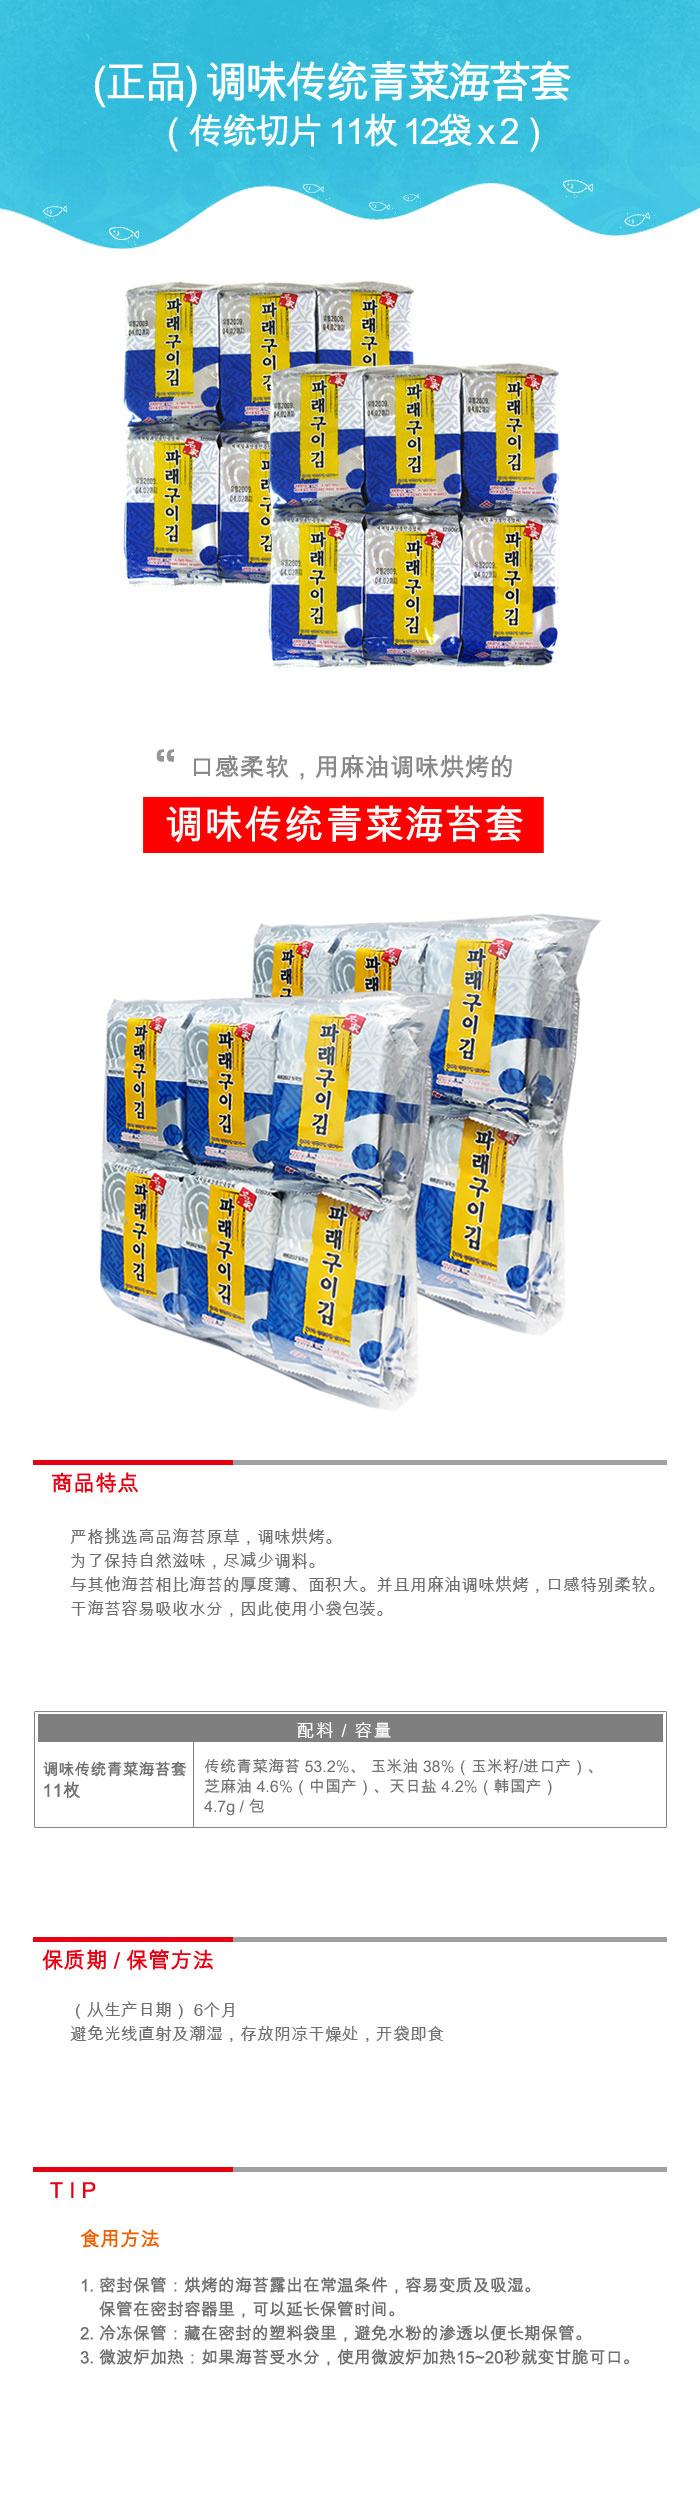 调味传统青菜海苔 (小包装) 11枚24包